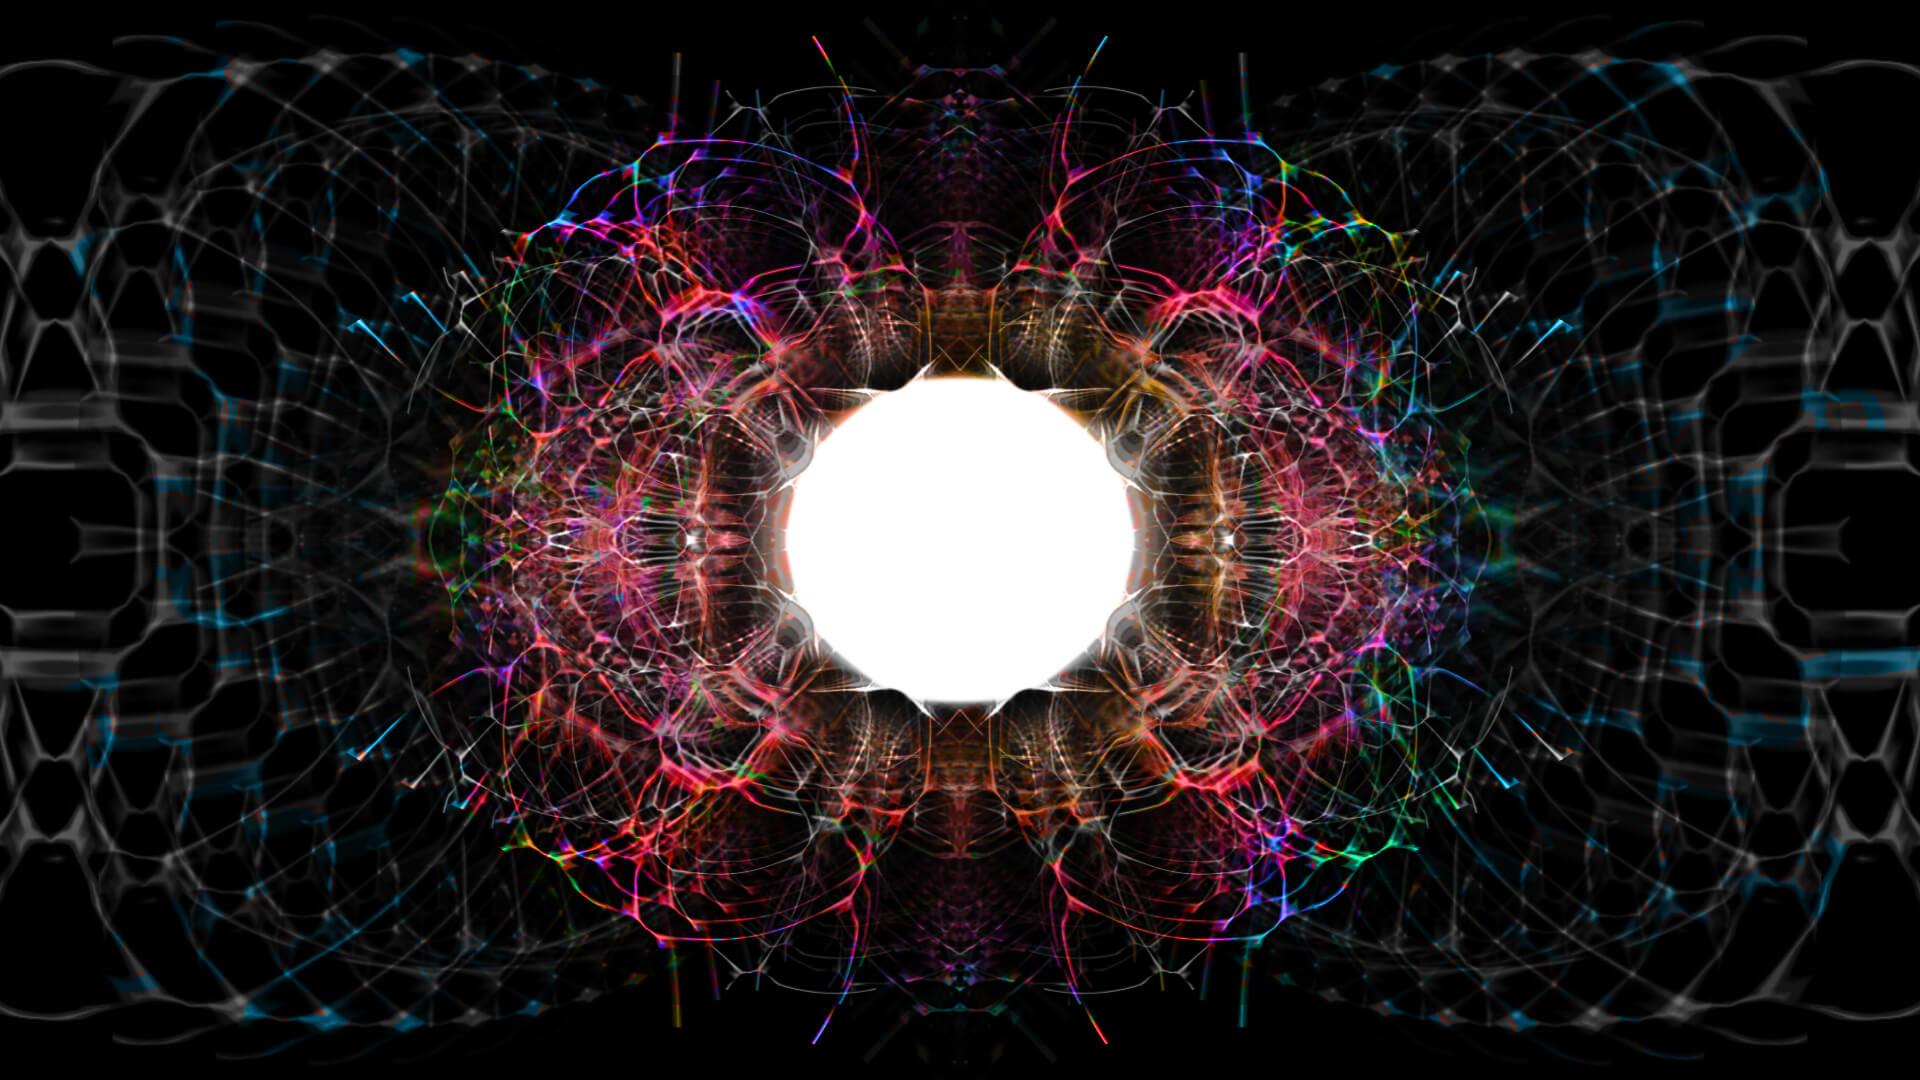 RIch brown memories - digital abstract art by Mitek